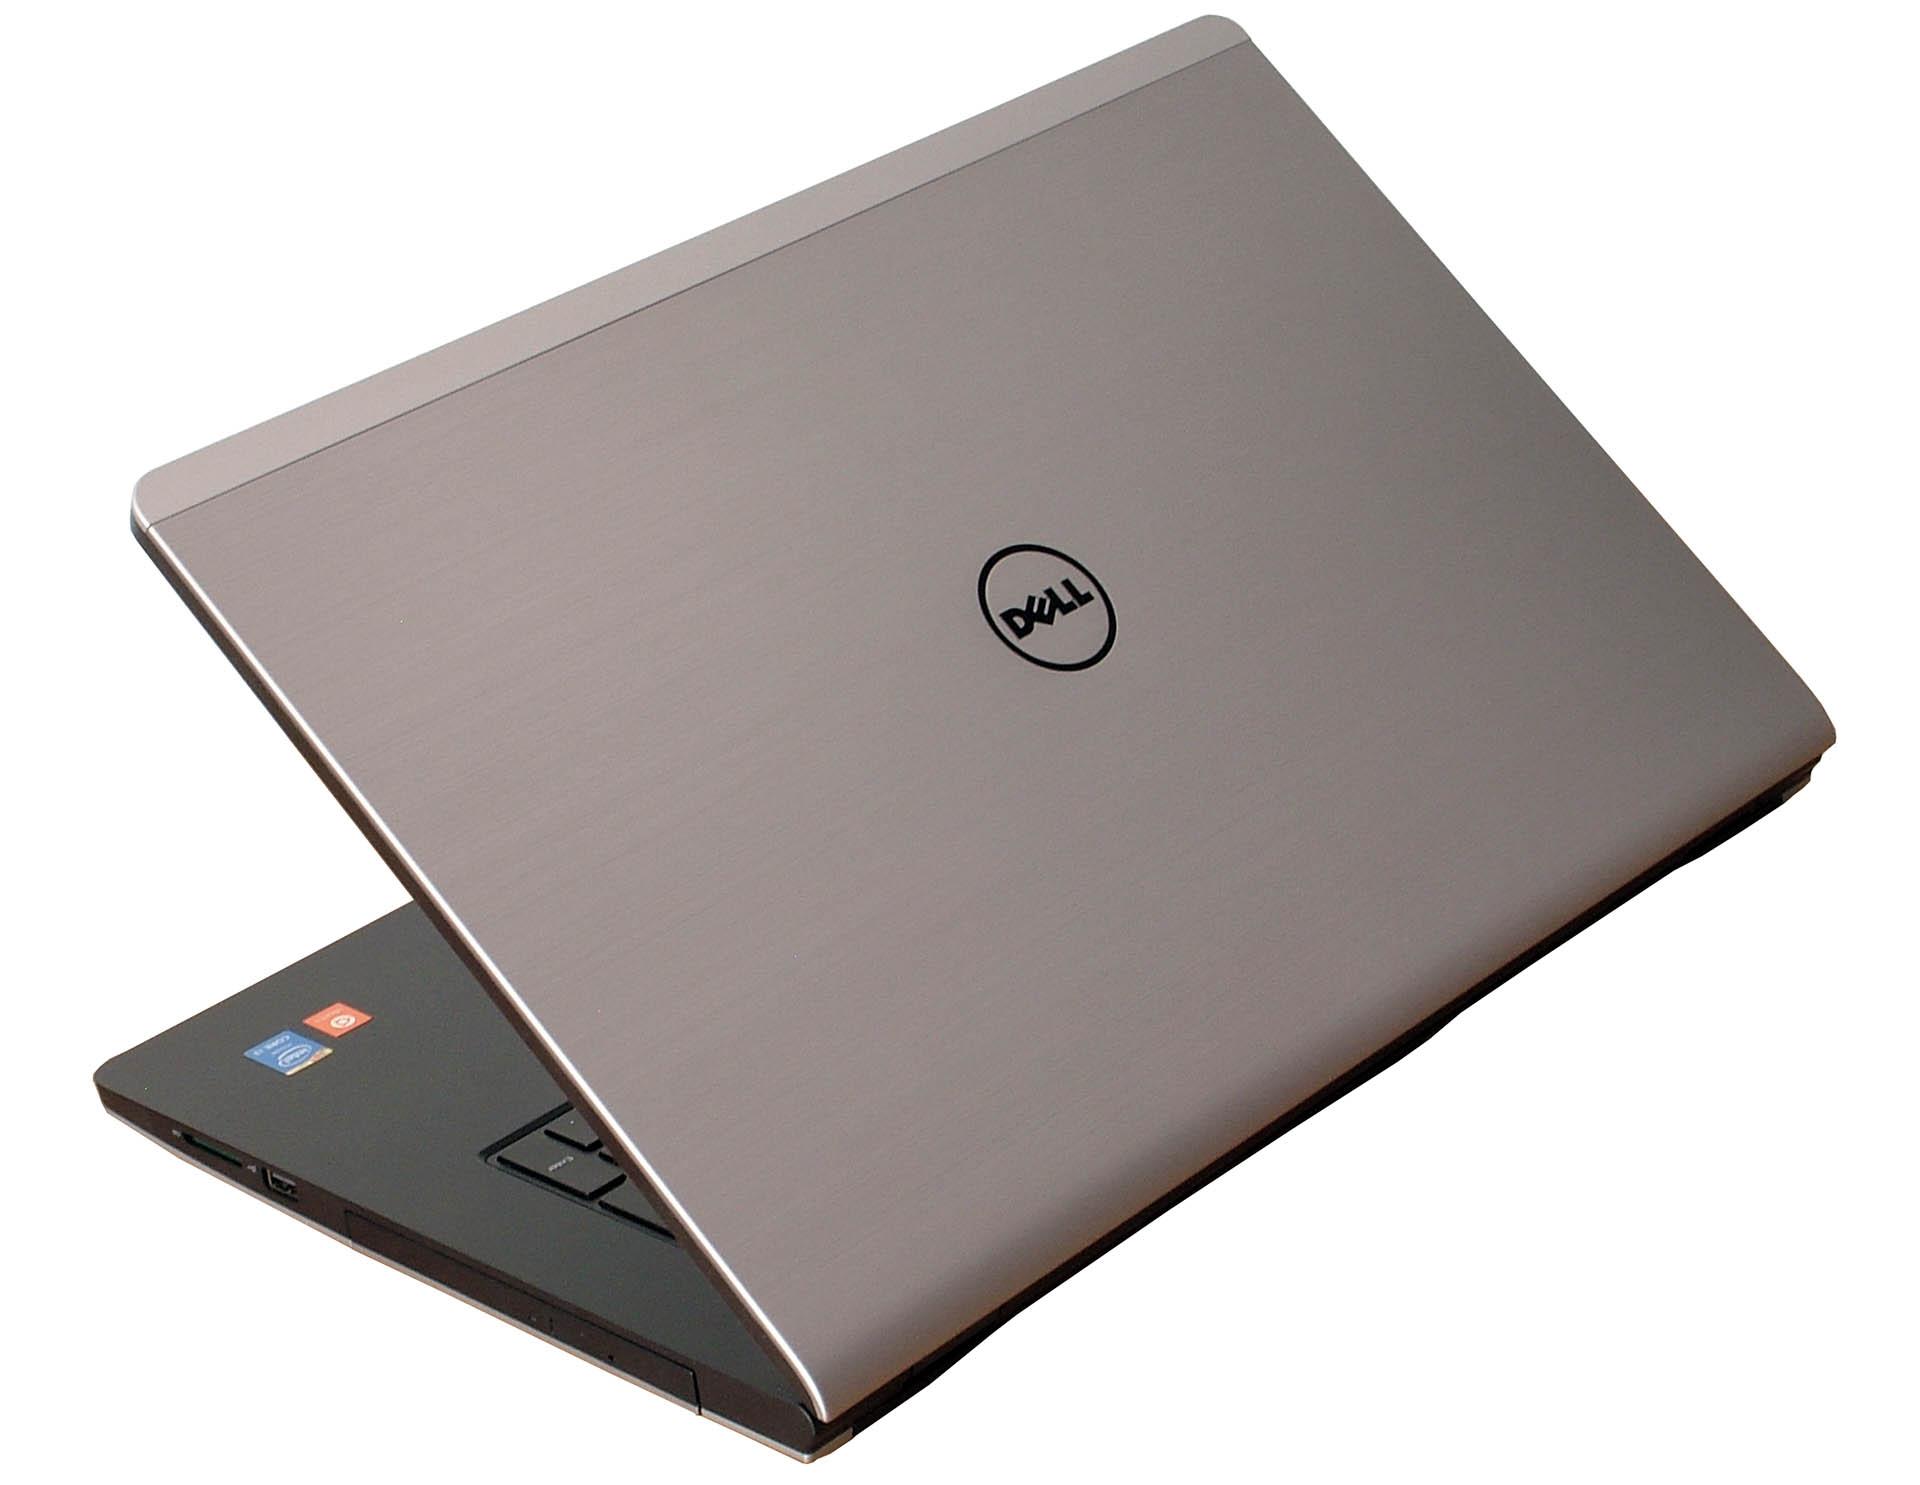 Dell Inspiron 5749 – dostojan veličine ili samo jedan u nizu?